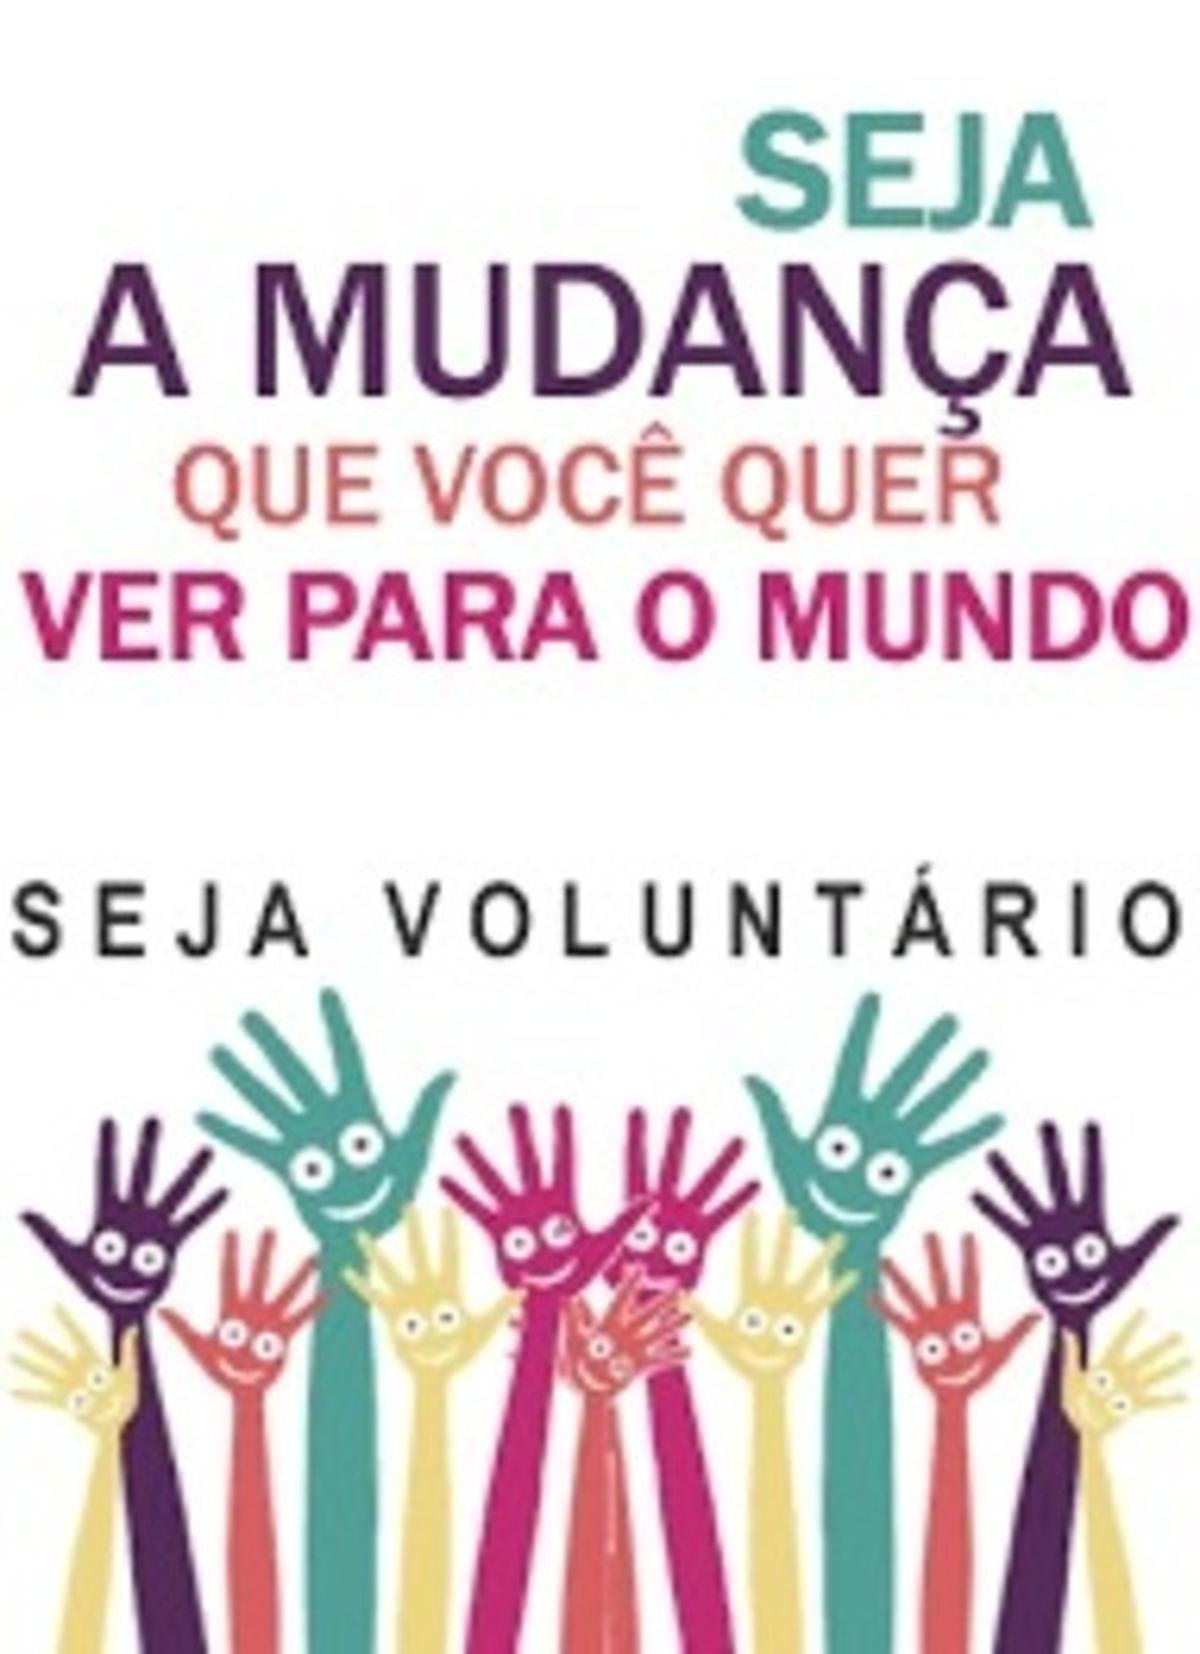 Voluntários 😍